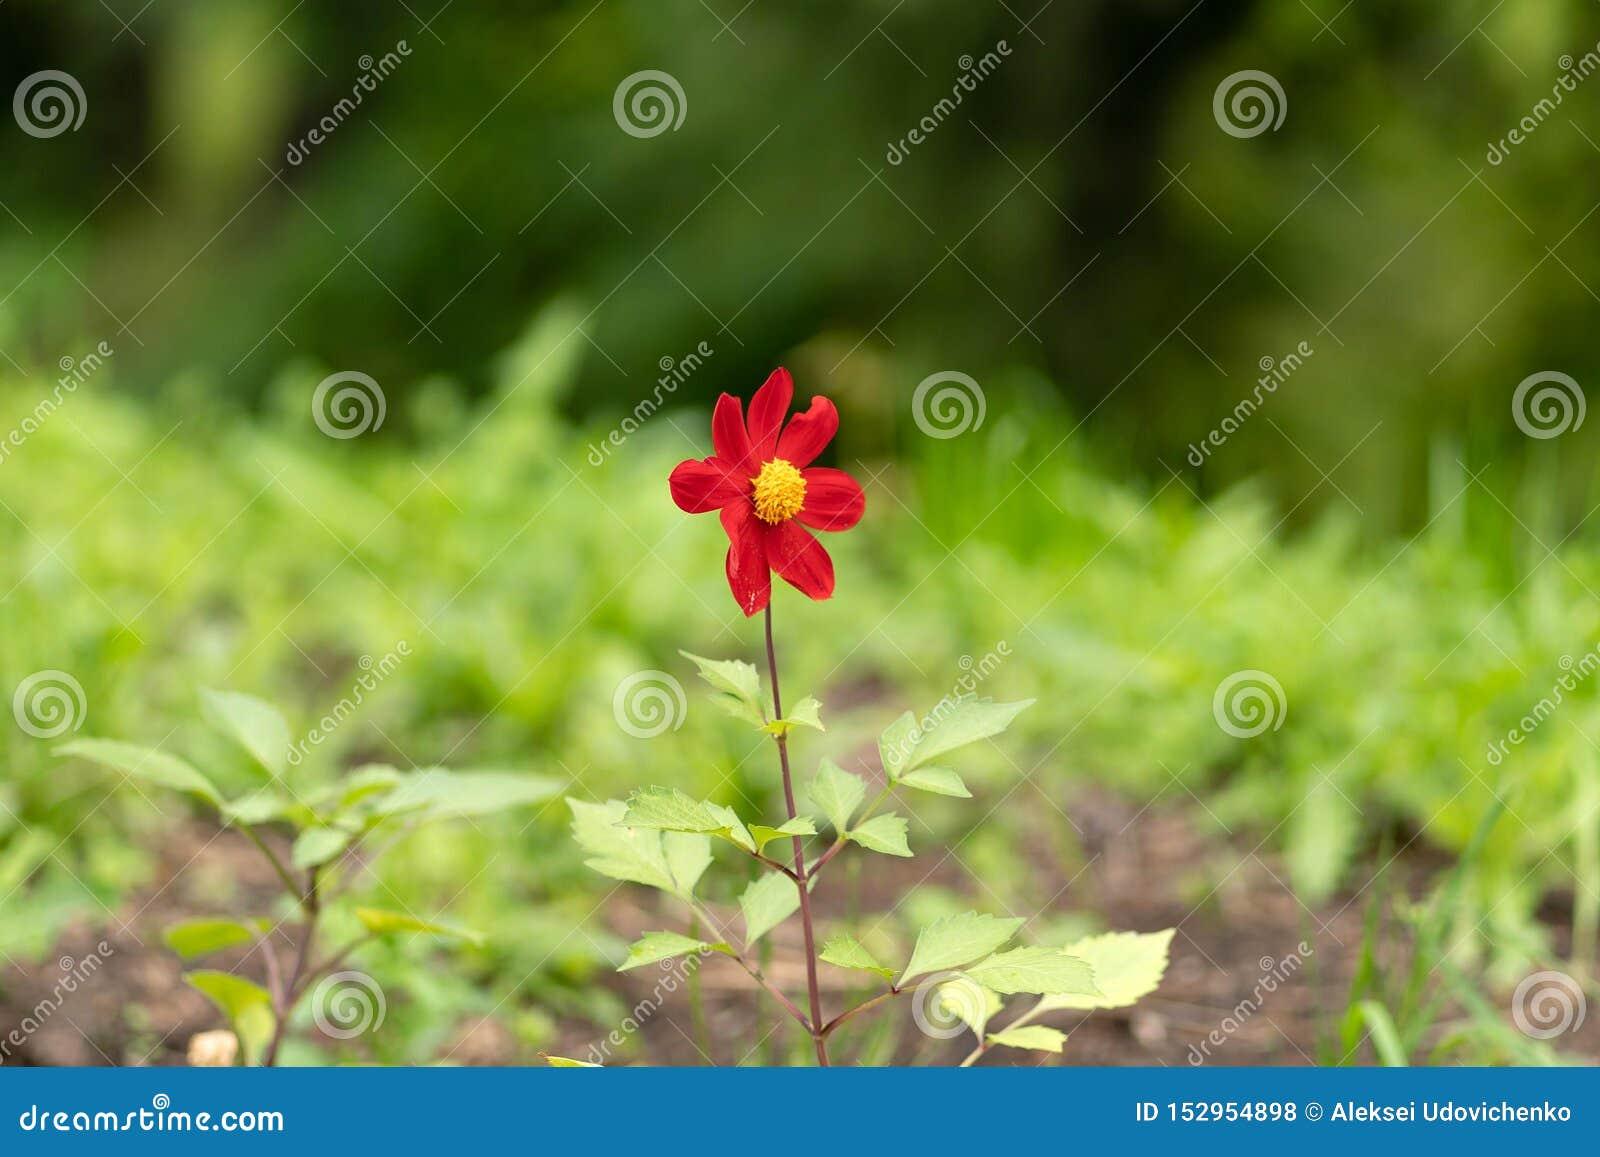 Giovane fiore rosso contro i precedenti della foresta